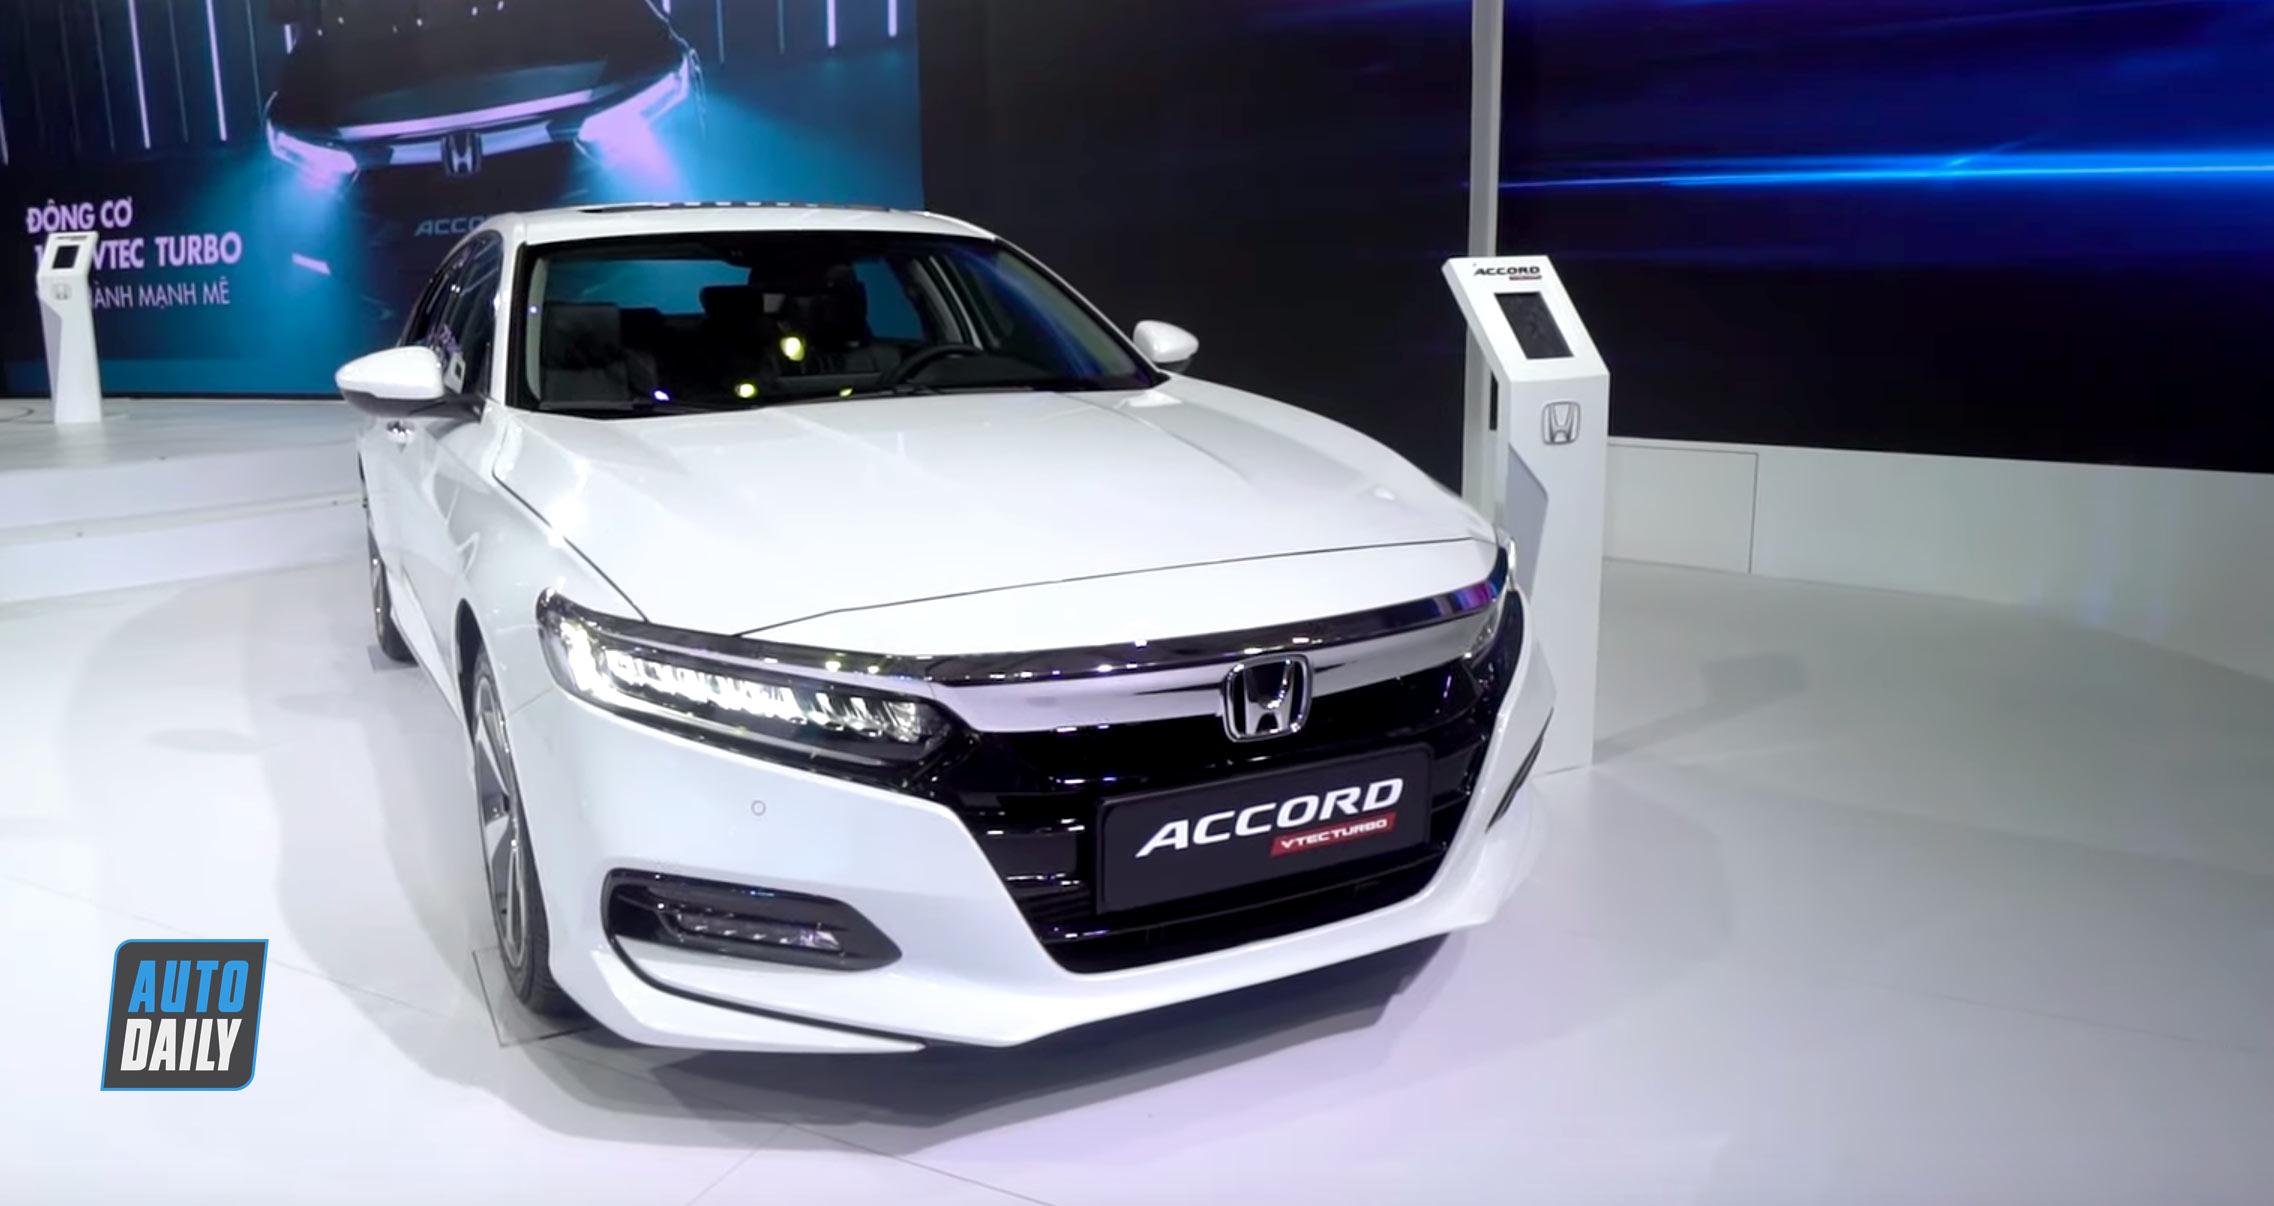 Đánh giá nhanh Honda Accord 2019 giá 1,3 tỷ đồng